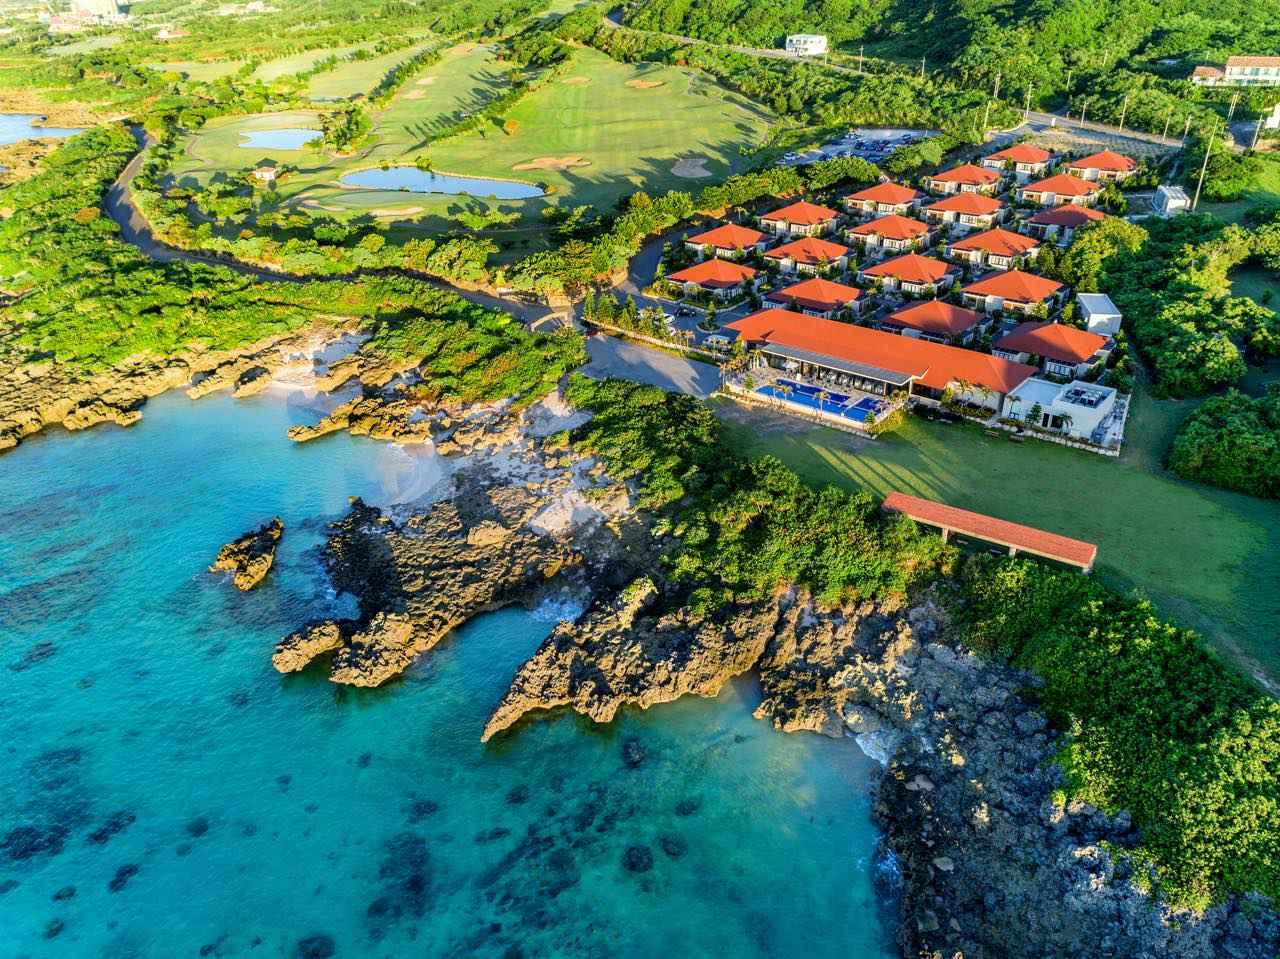 画像9: 【アラマンダ インギャーコーラルヴィレッジ】宮古島の美しい自然に囲まれたリゾートコテージ